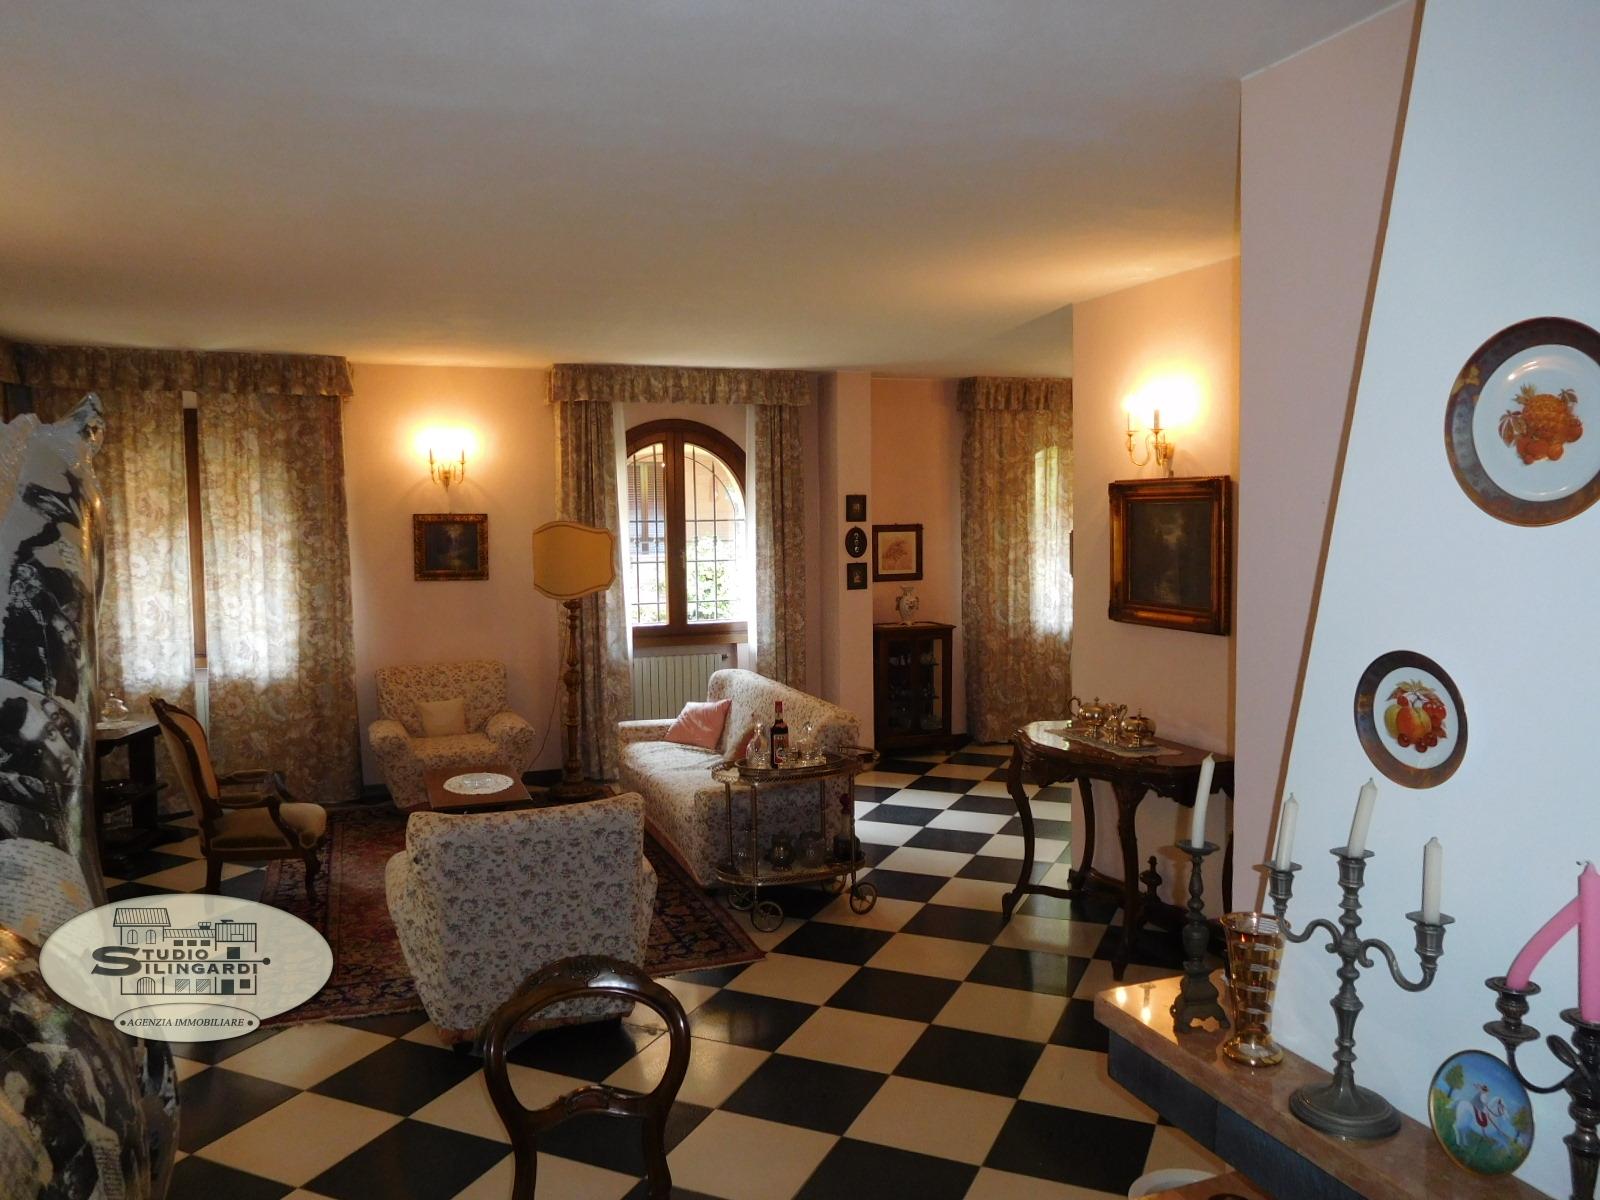 Villa in vendita a Formigine, 6 locali, zona Località: Formigine, Trattative riservate | CambioCasa.it